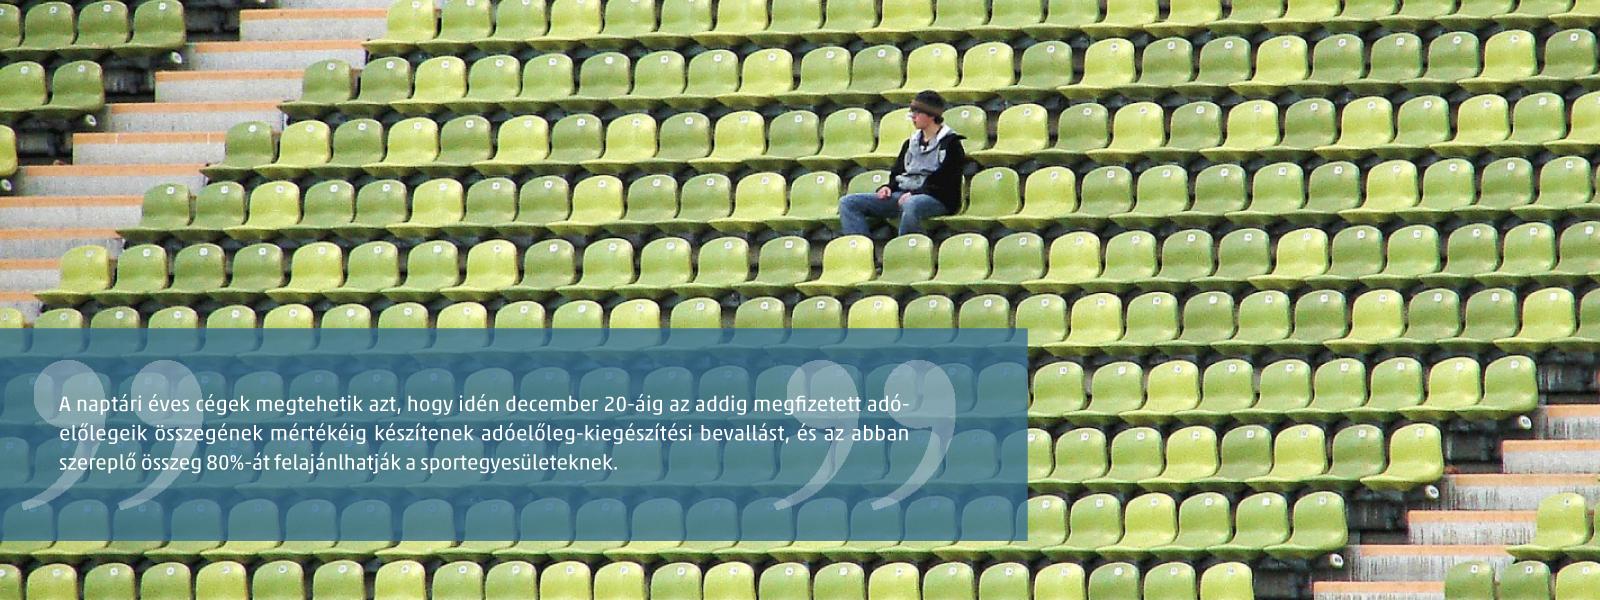 A társasági adóelőleg kiegészítési kötelezettség eltörlésének hatása a látvány-csapatsportok támogatására